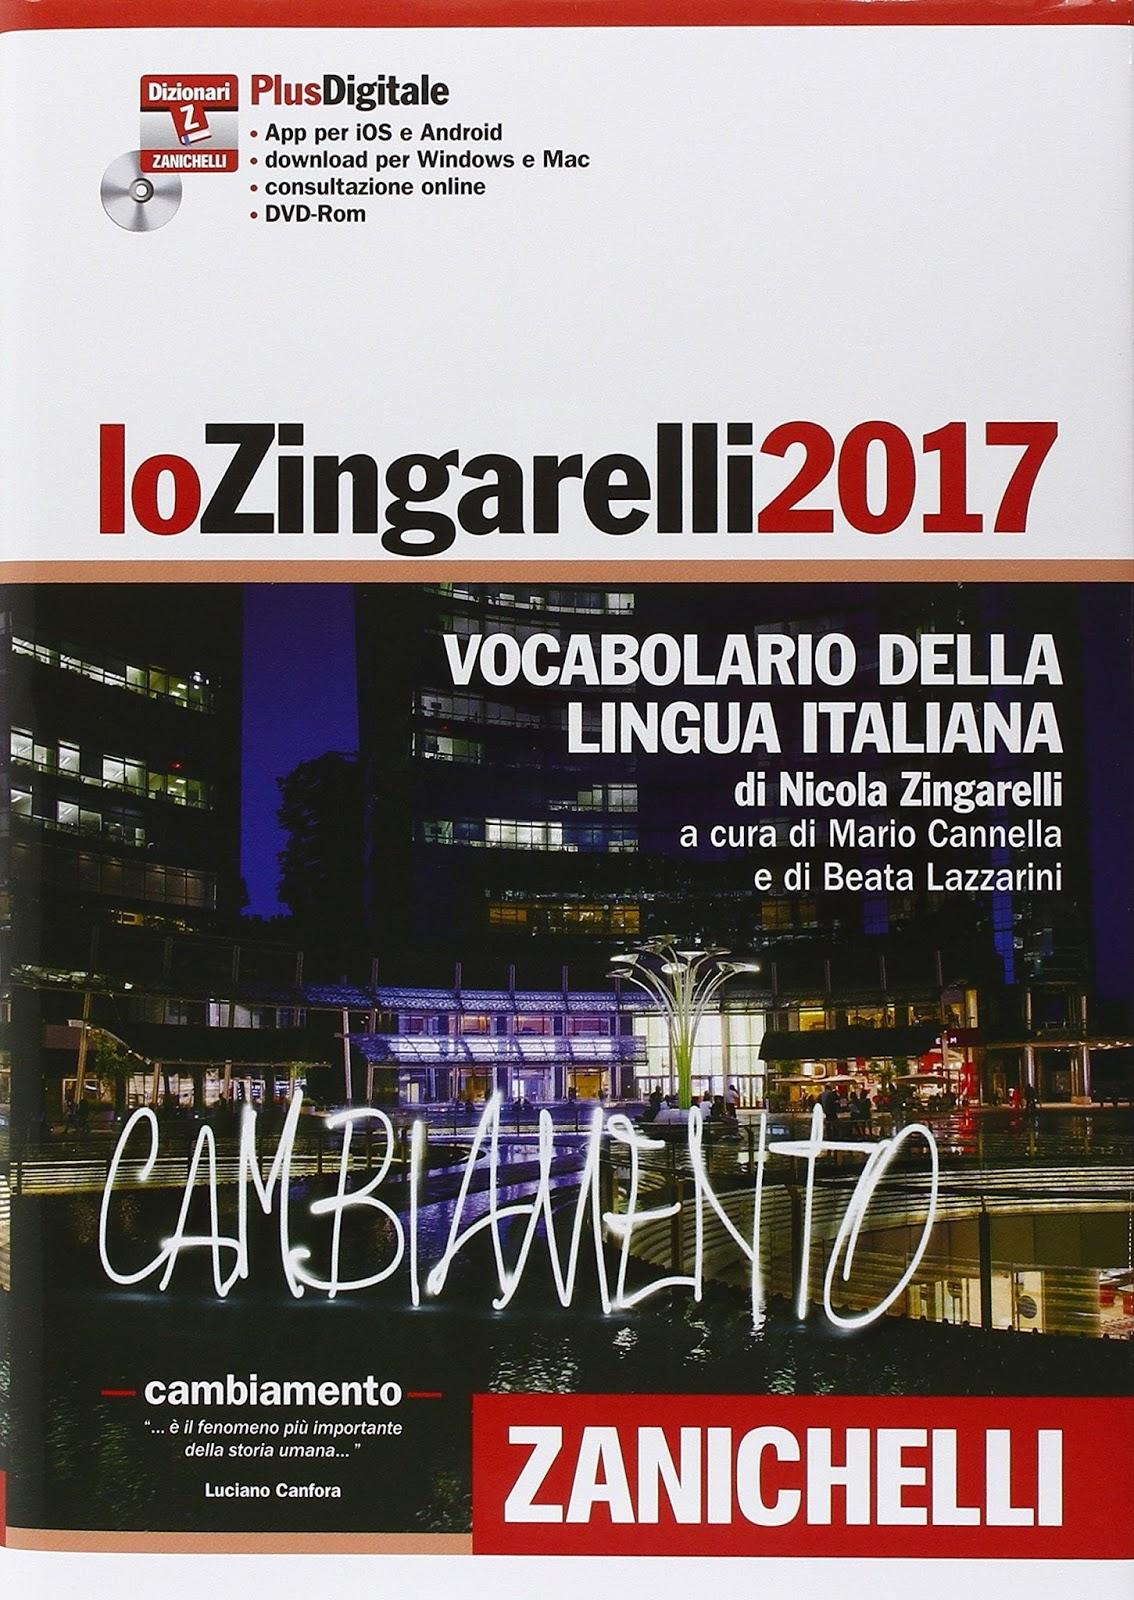 Nowy słownik języka włoskiego chudnie w oczach: 1000 nowych słów, 3000  odchodzi w zapomnienie